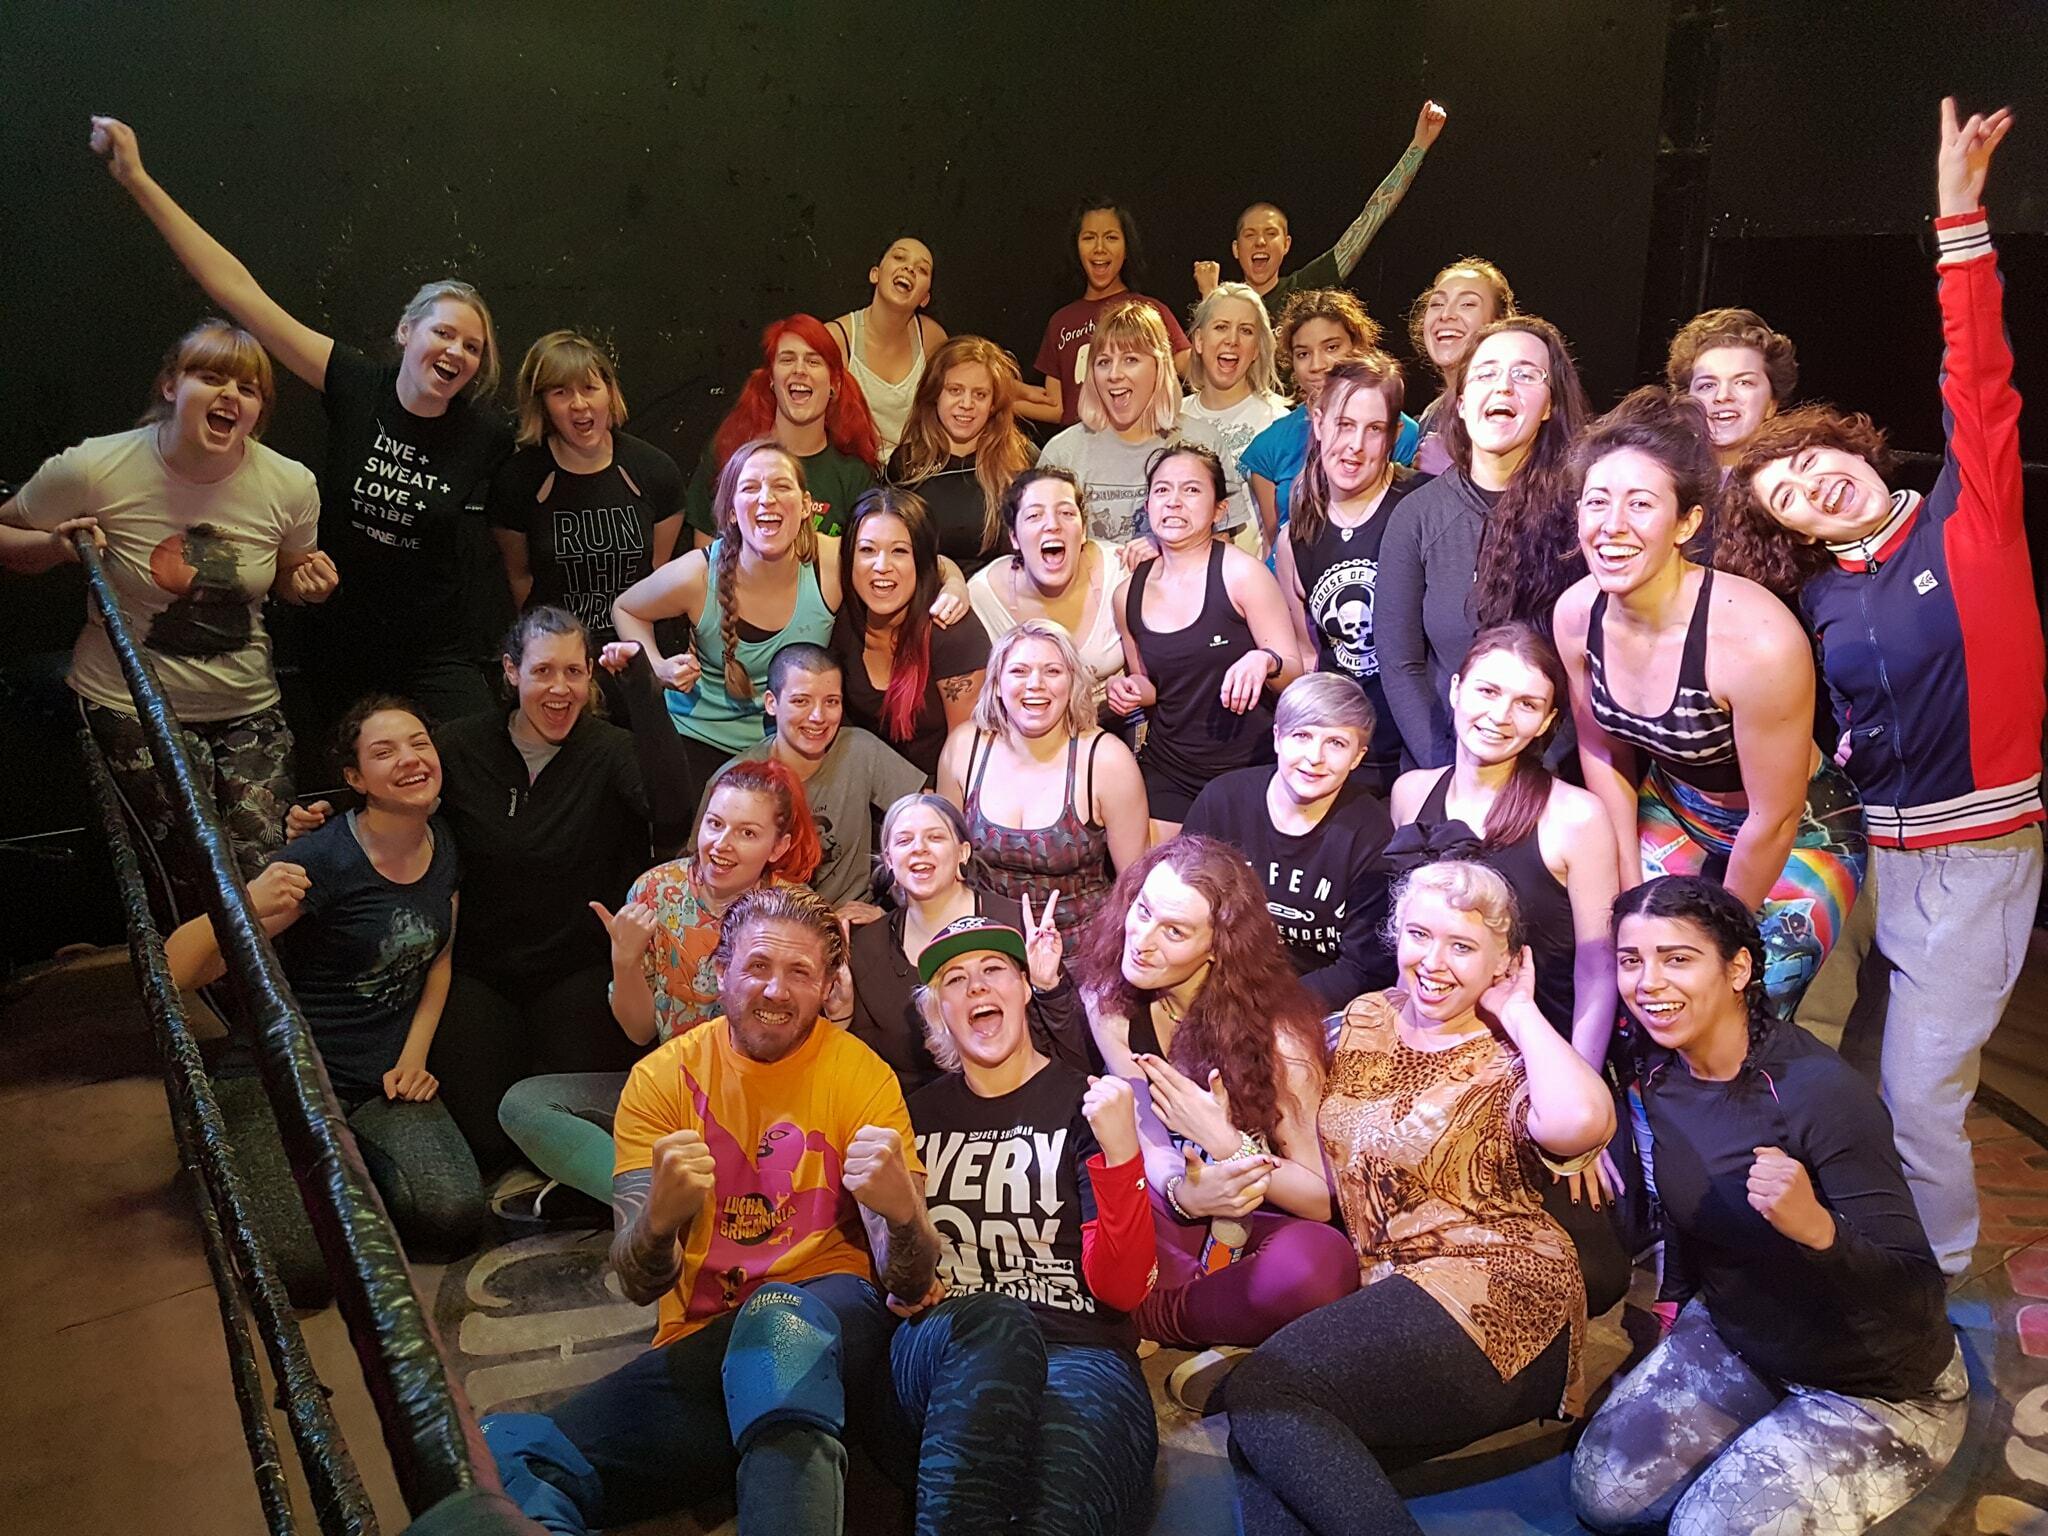 EVE Academy: London's School of Women's Wrestling Open Day